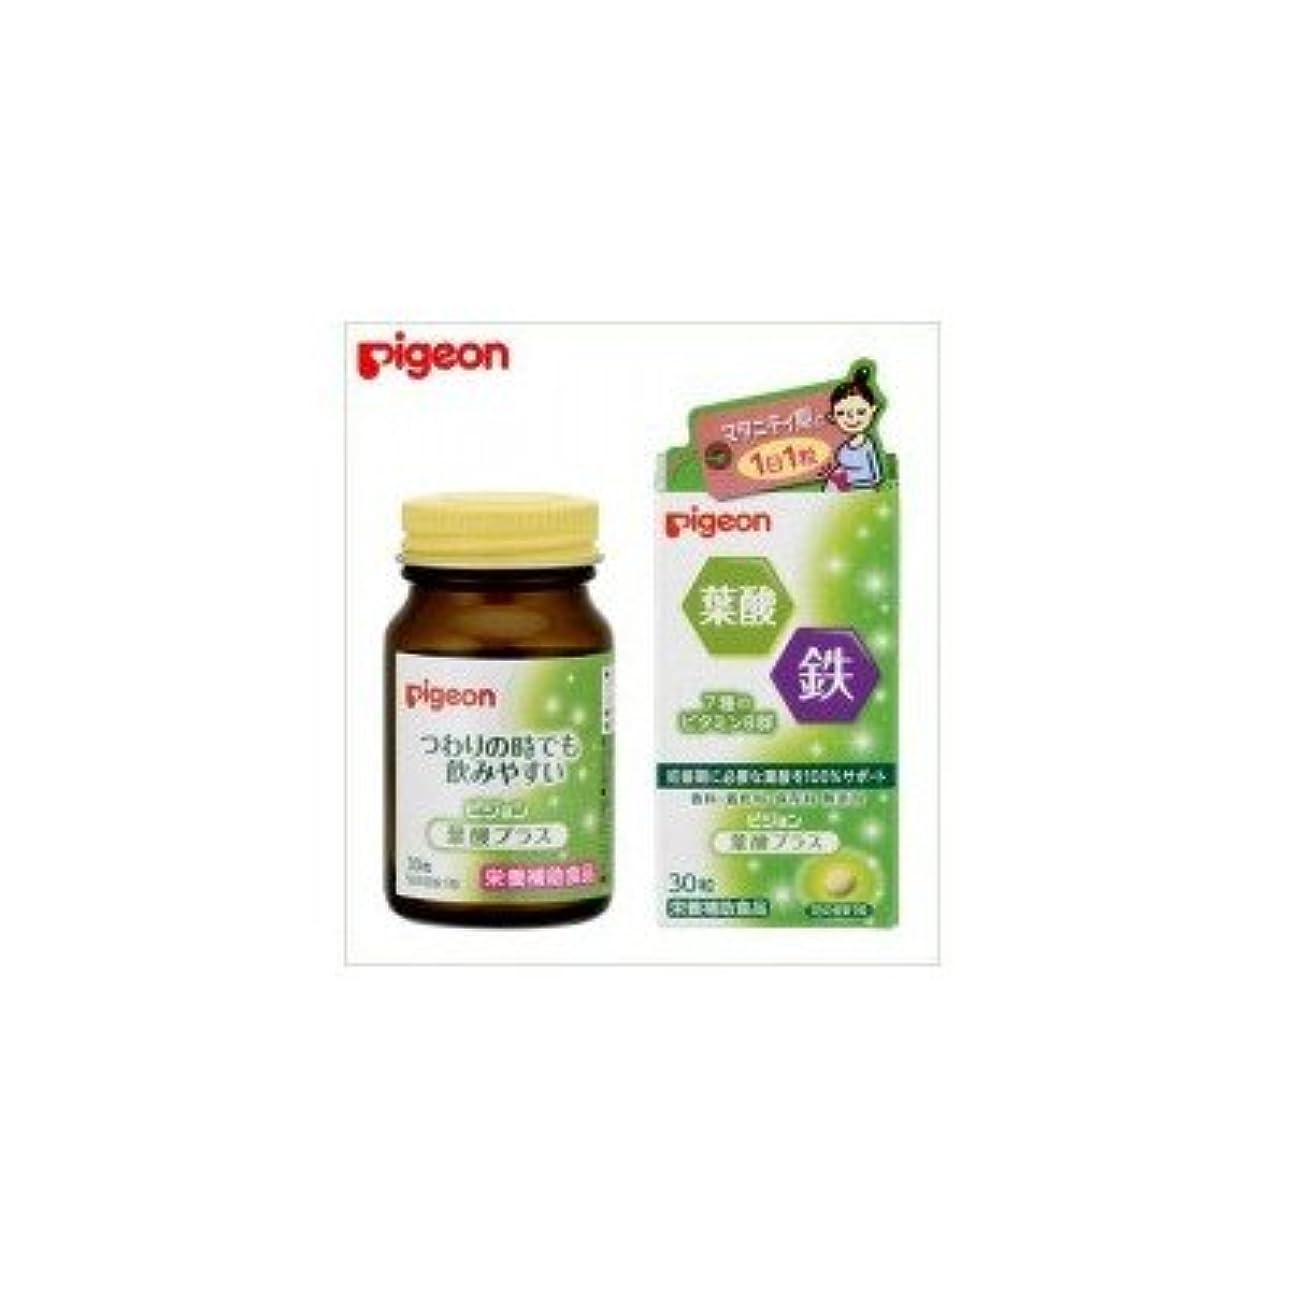 電卓代表良心的Pigeon(ピジョン) サプリメント 栄養補助食品 葉酸プラス 30粒(錠剤) 20390